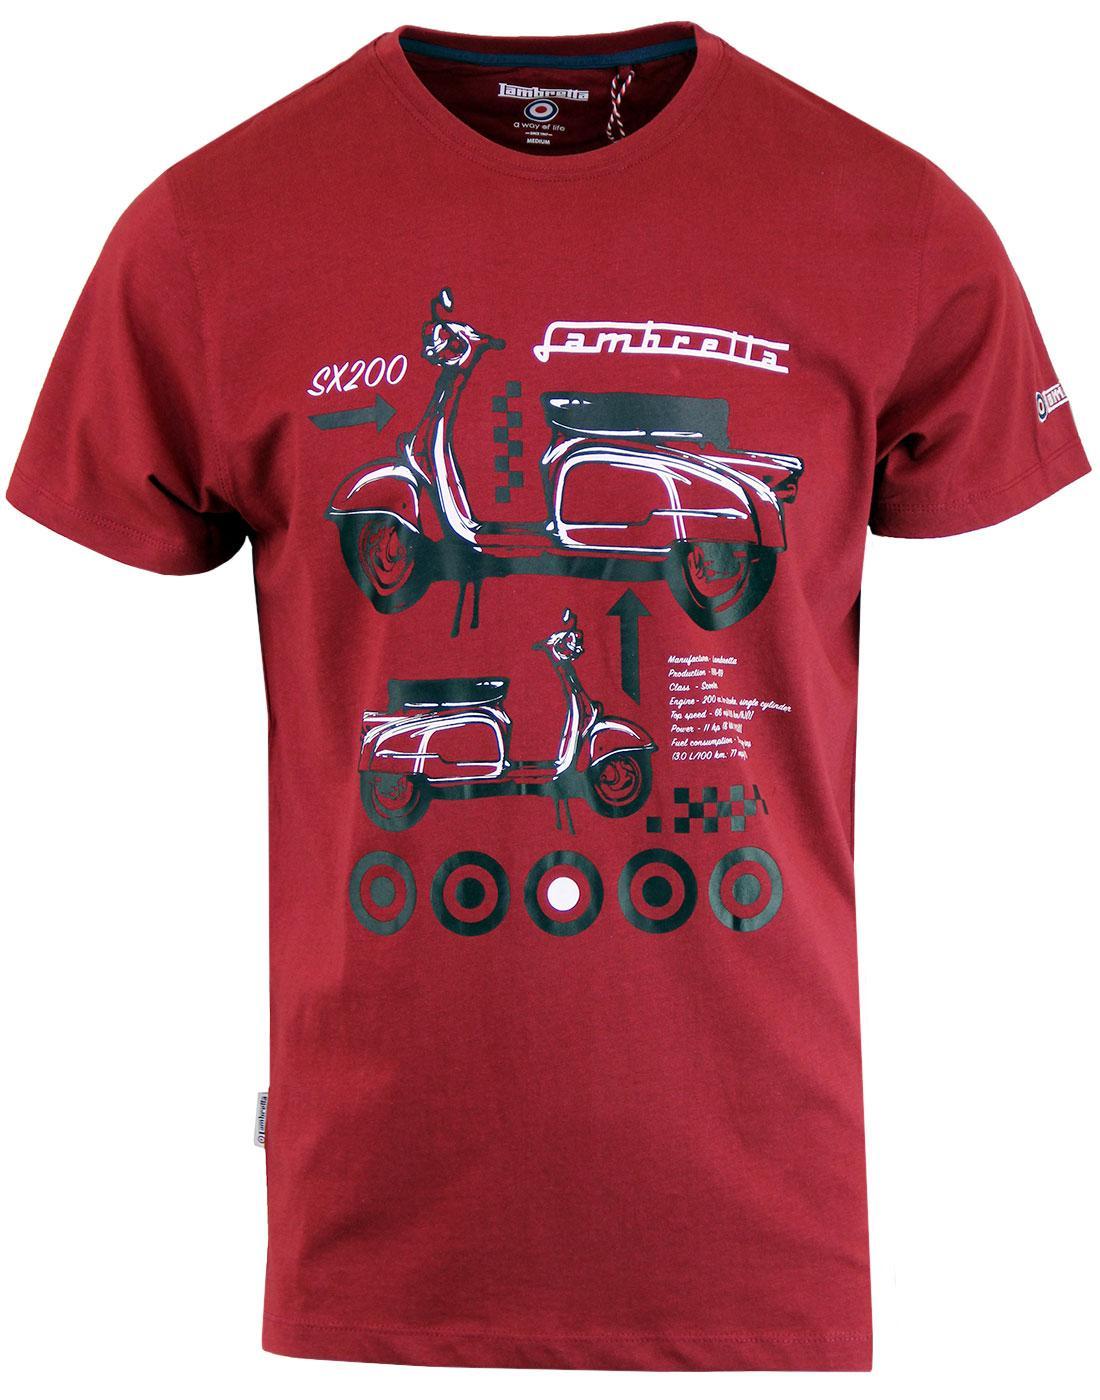 LAMBRETTA SX200 Retro Mod Scooter Graphic T-Shirt